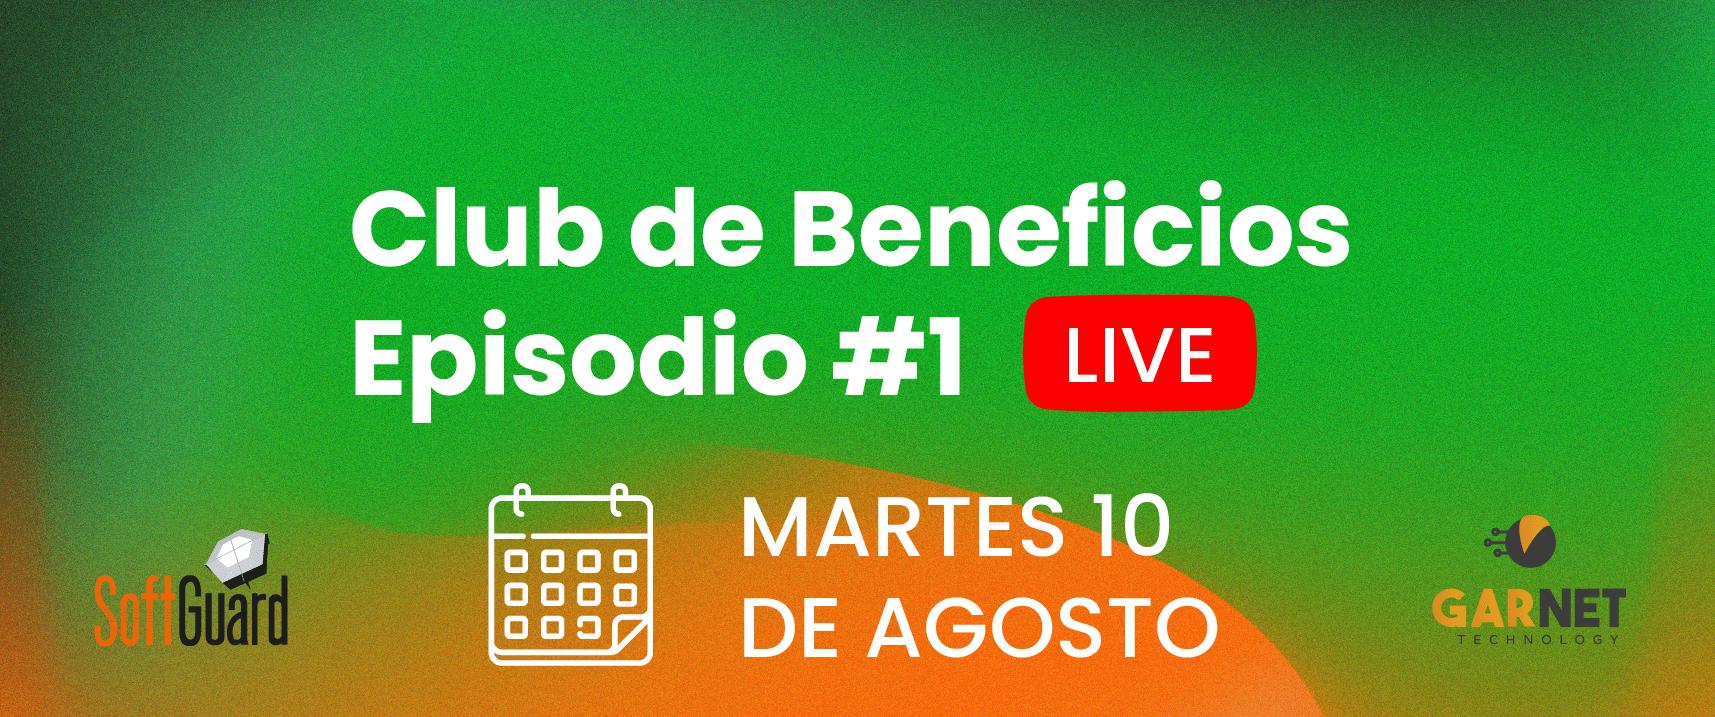 CICLO LIVE CLUB DE BENEFICIOS #1 GARNET